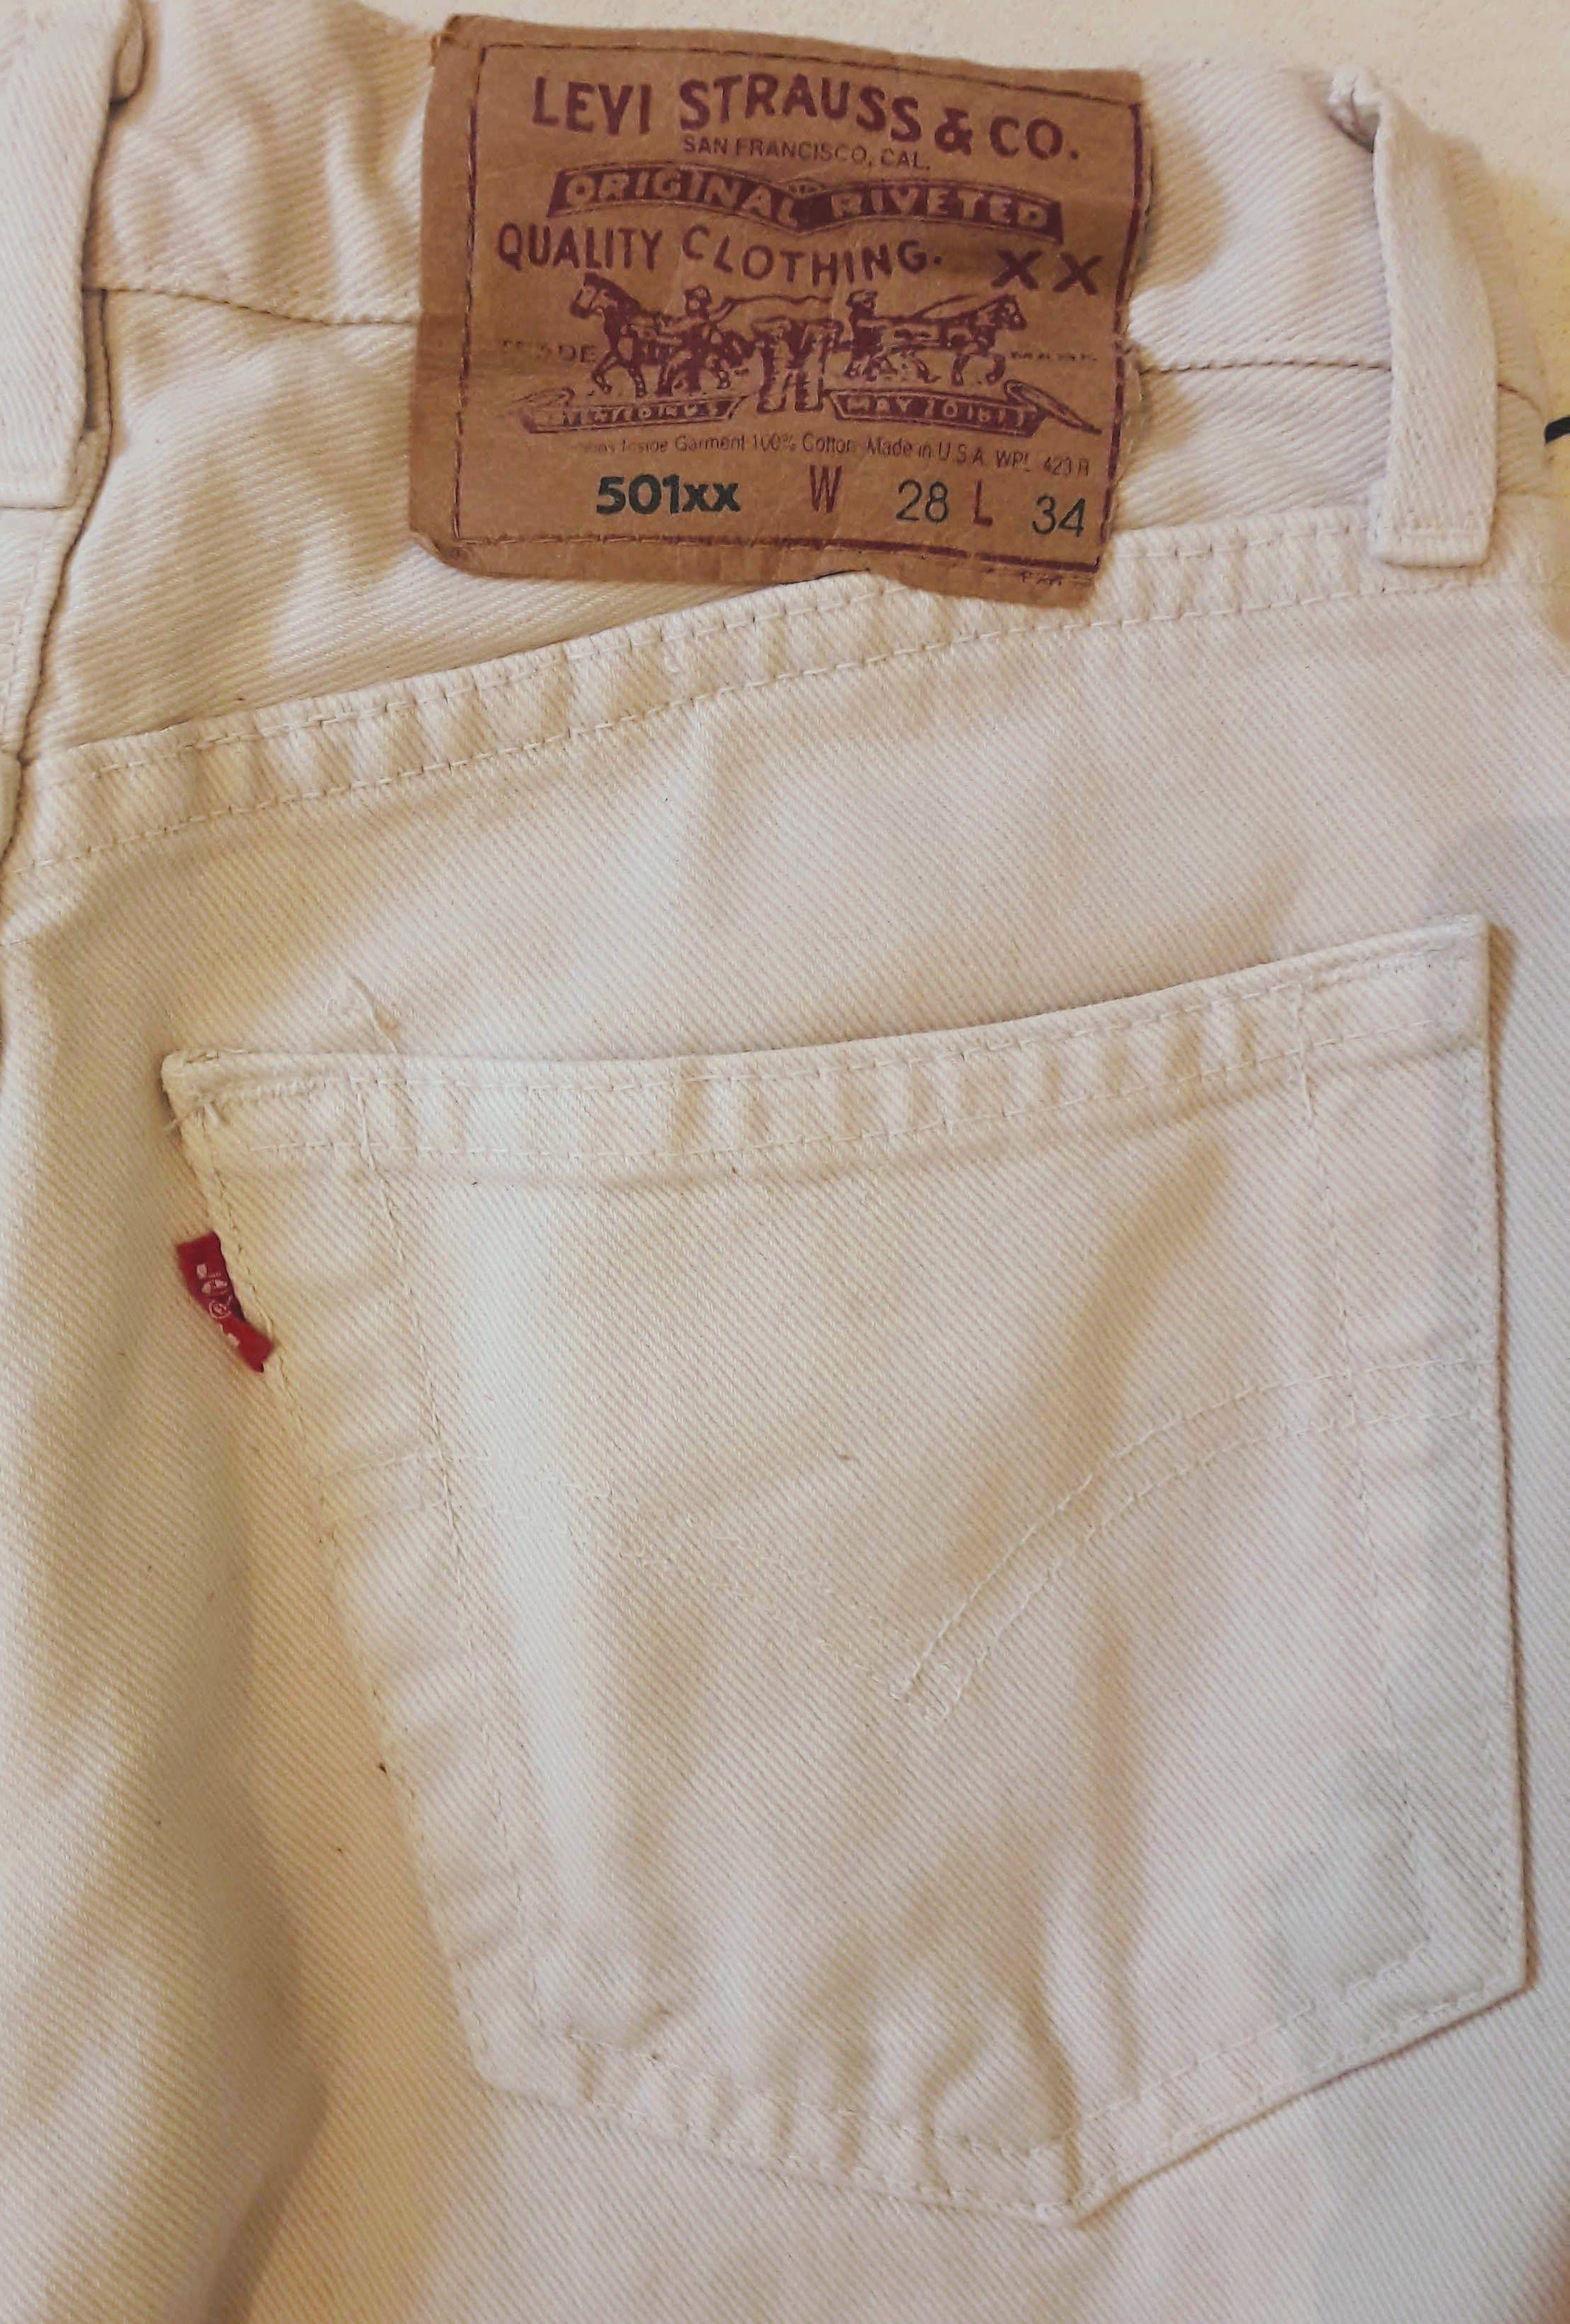 Pantalons - Jean Levi's 501 crème W28L34